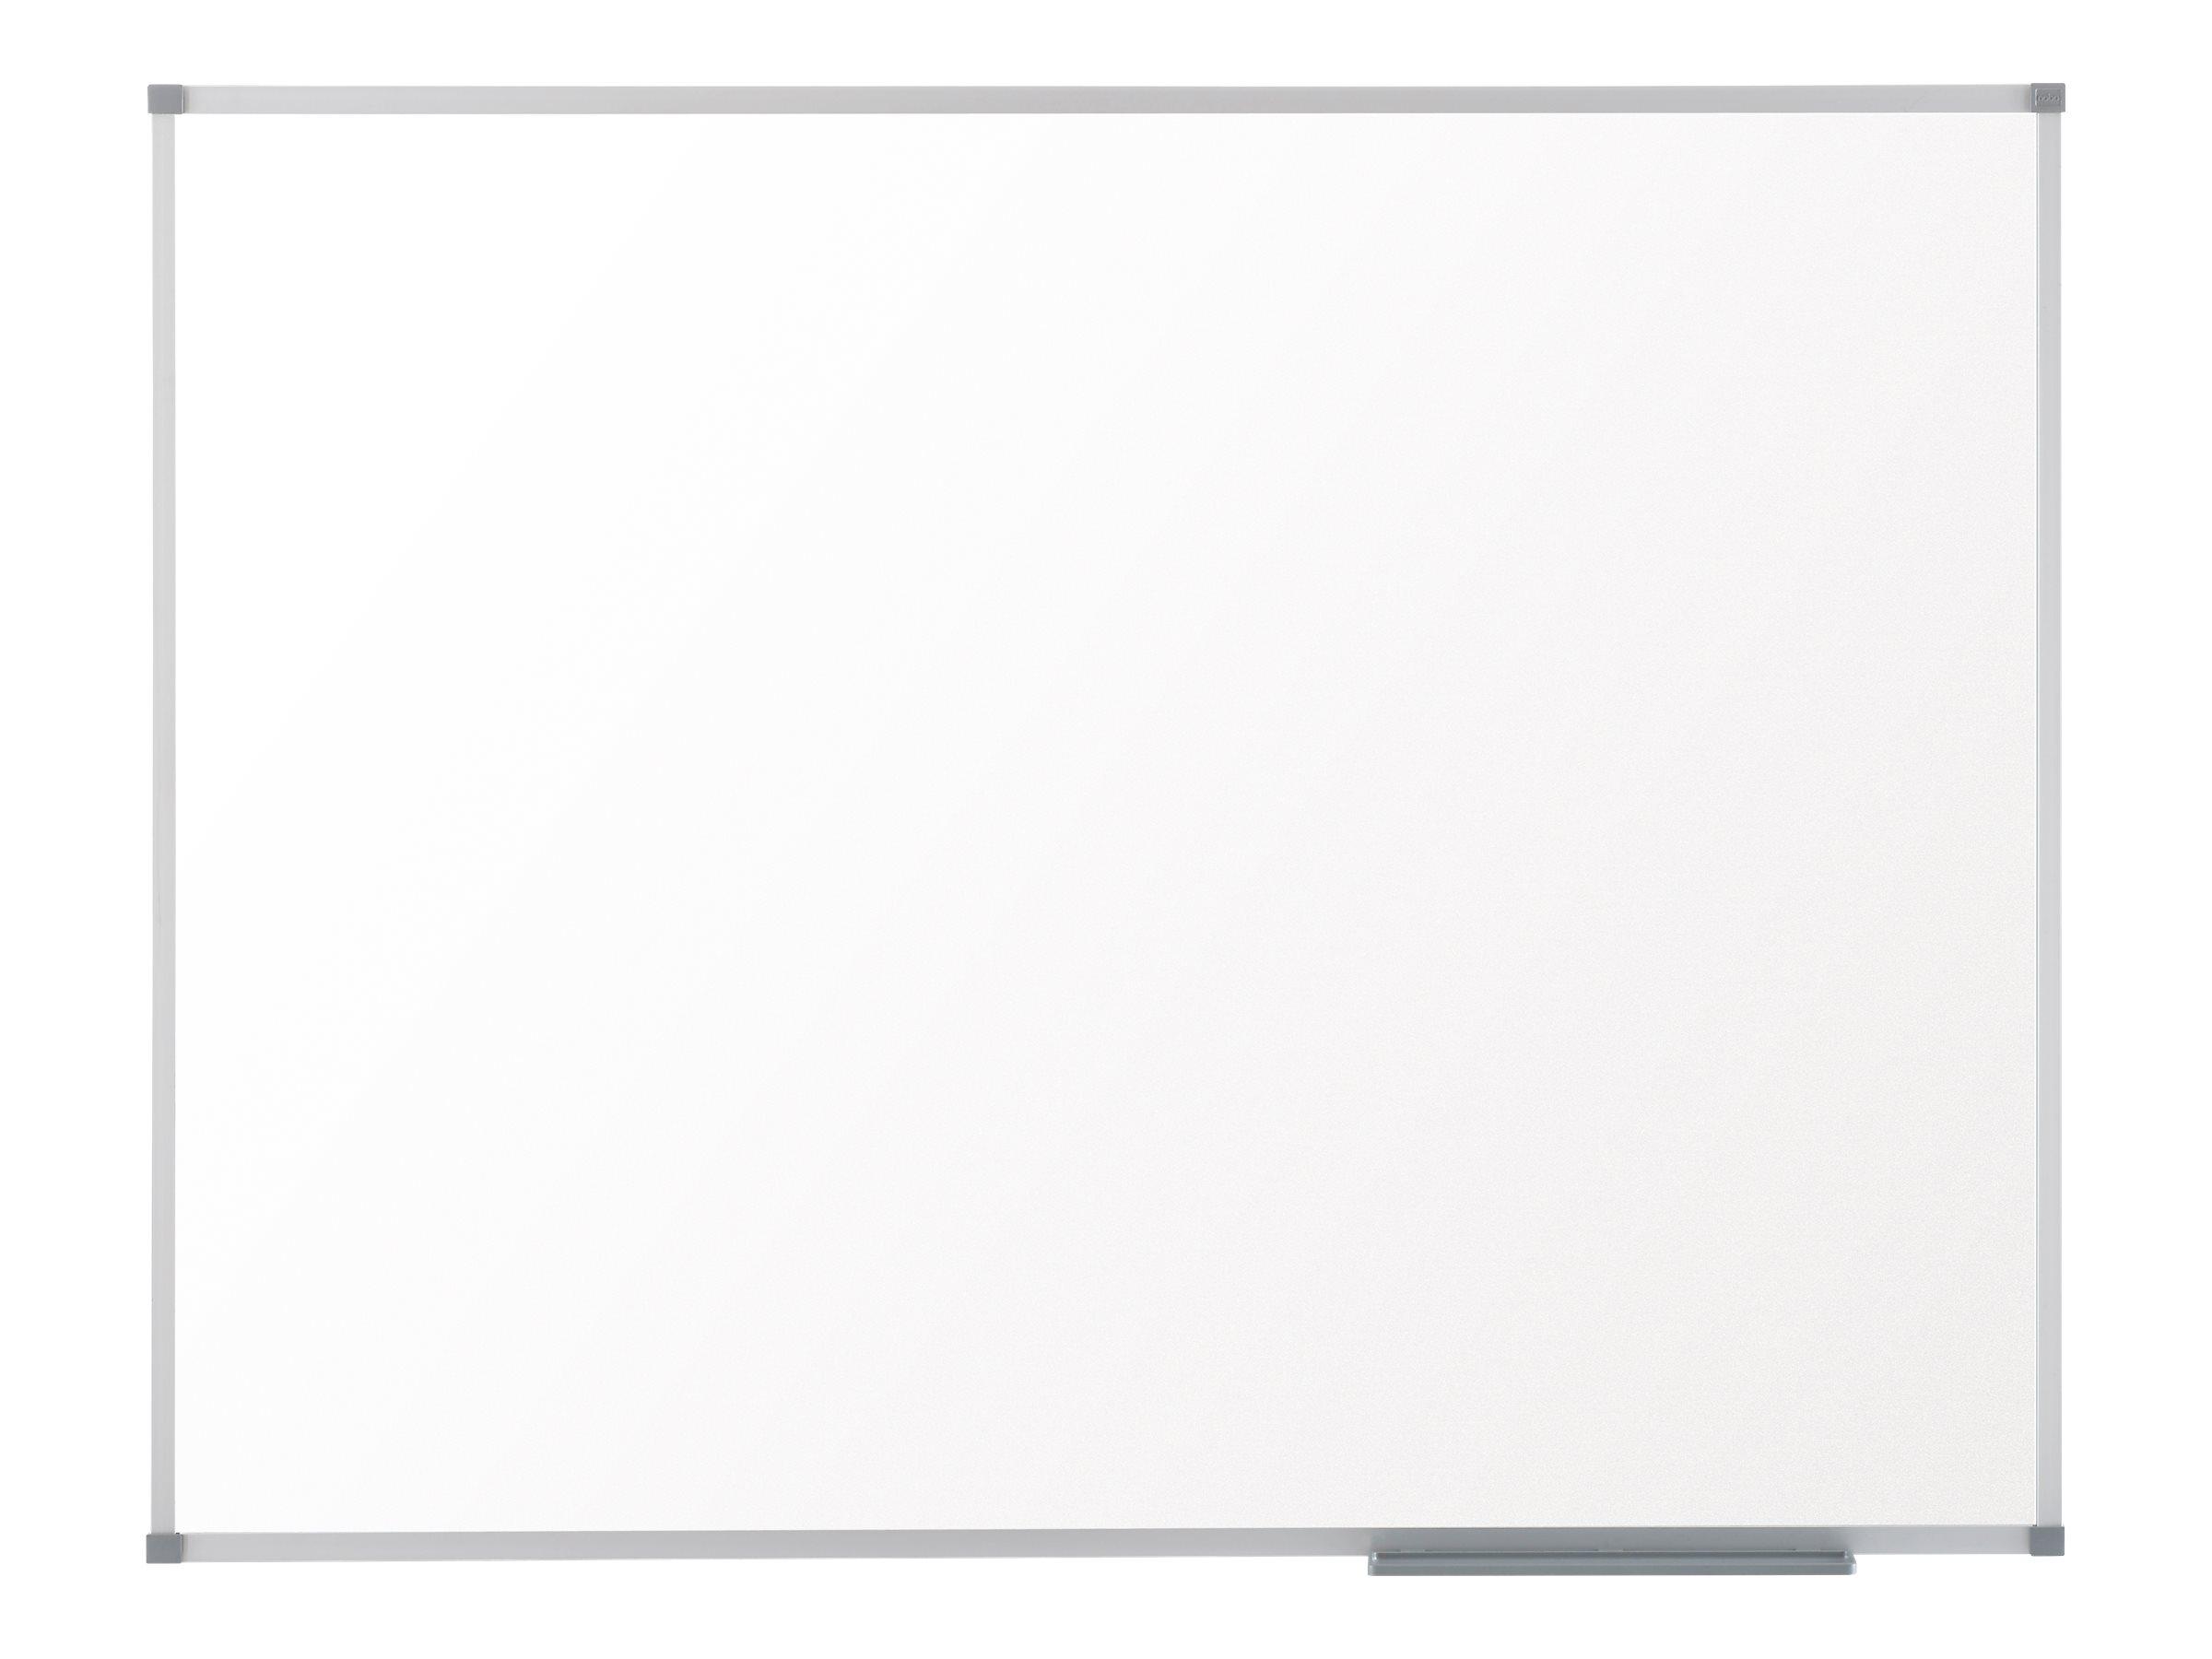 Nobo Prestige Eco - Whiteboard - geeignet für Wandmontage - 600 x 450 mm - Glasur - magnetisch